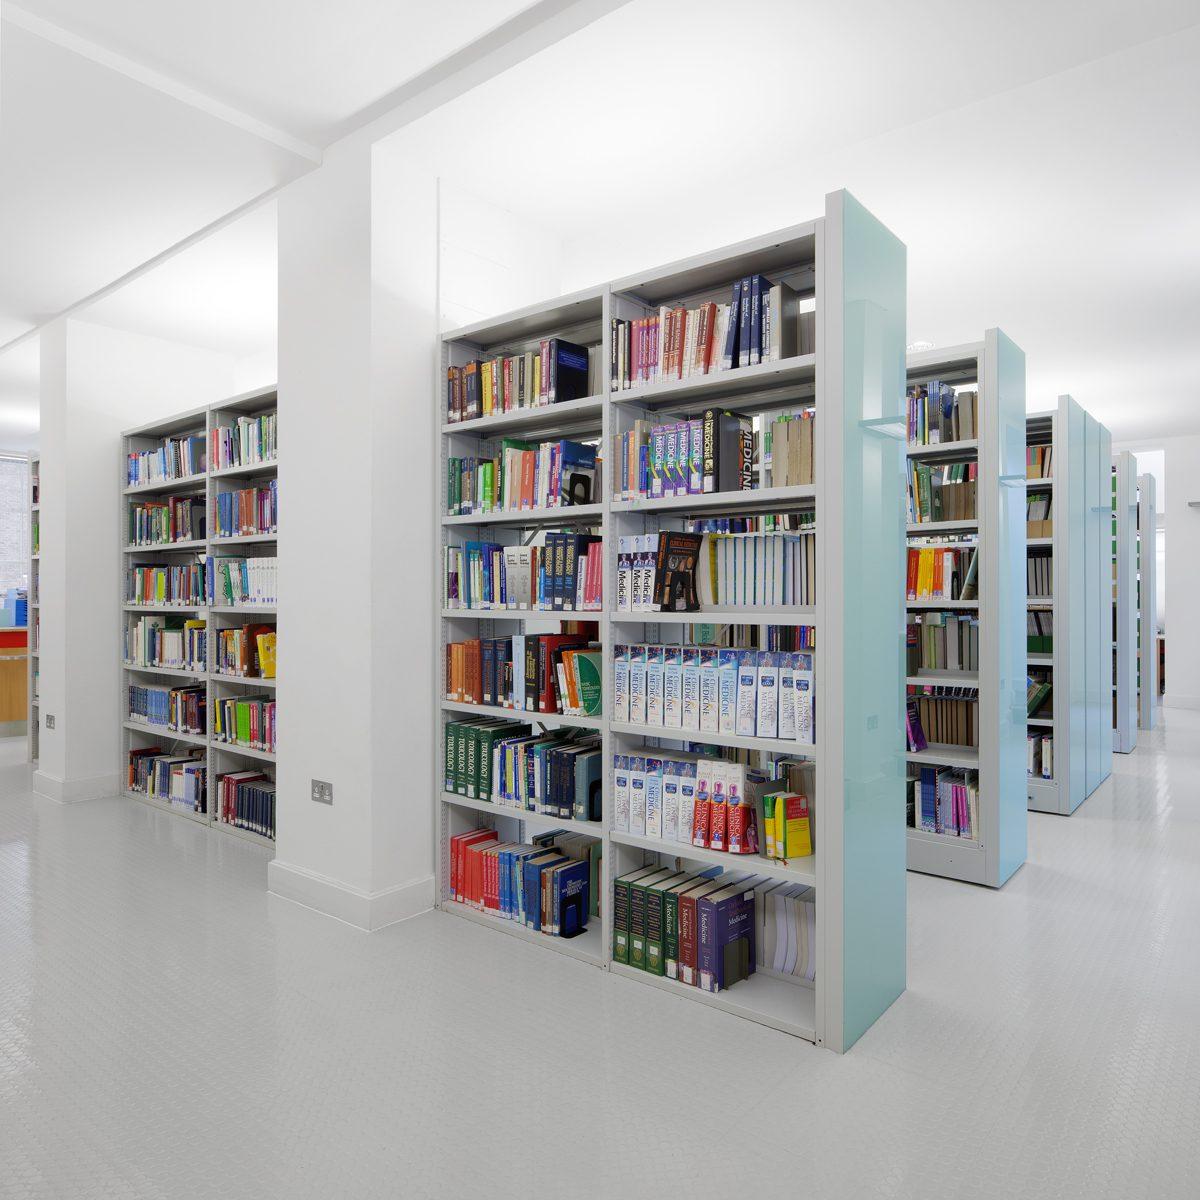 UCL School of Pharmacy - Bookshelves